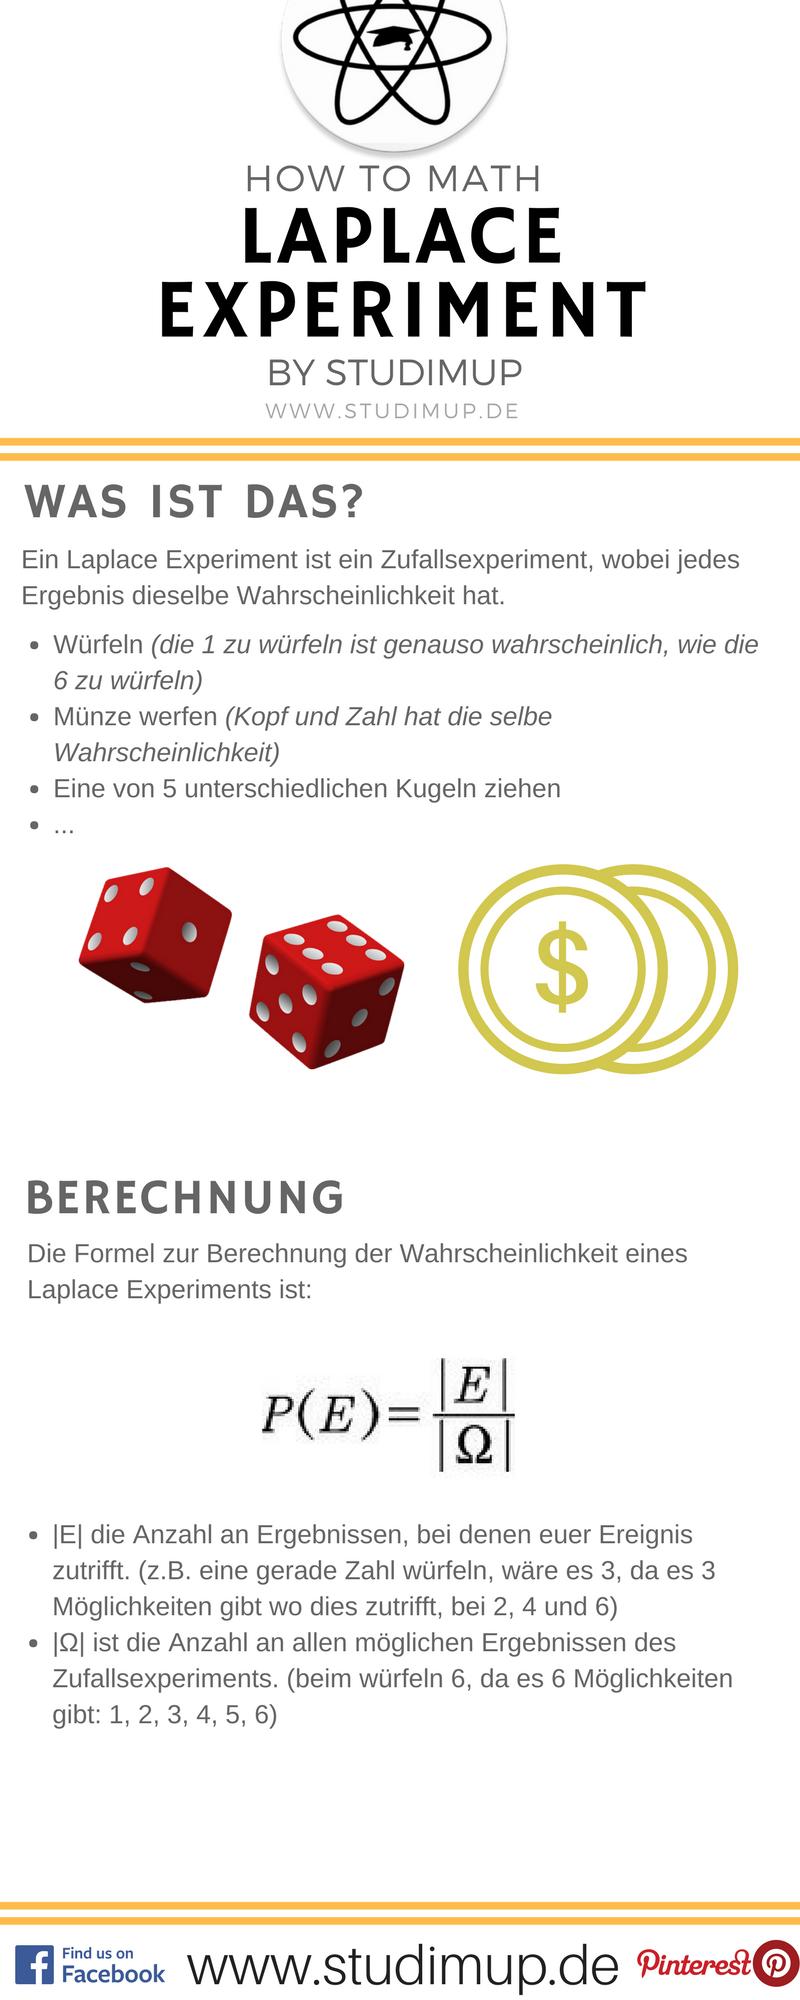 Das Laplace Experiment im Spickzettel erklärt von Studimup. Mathe ...